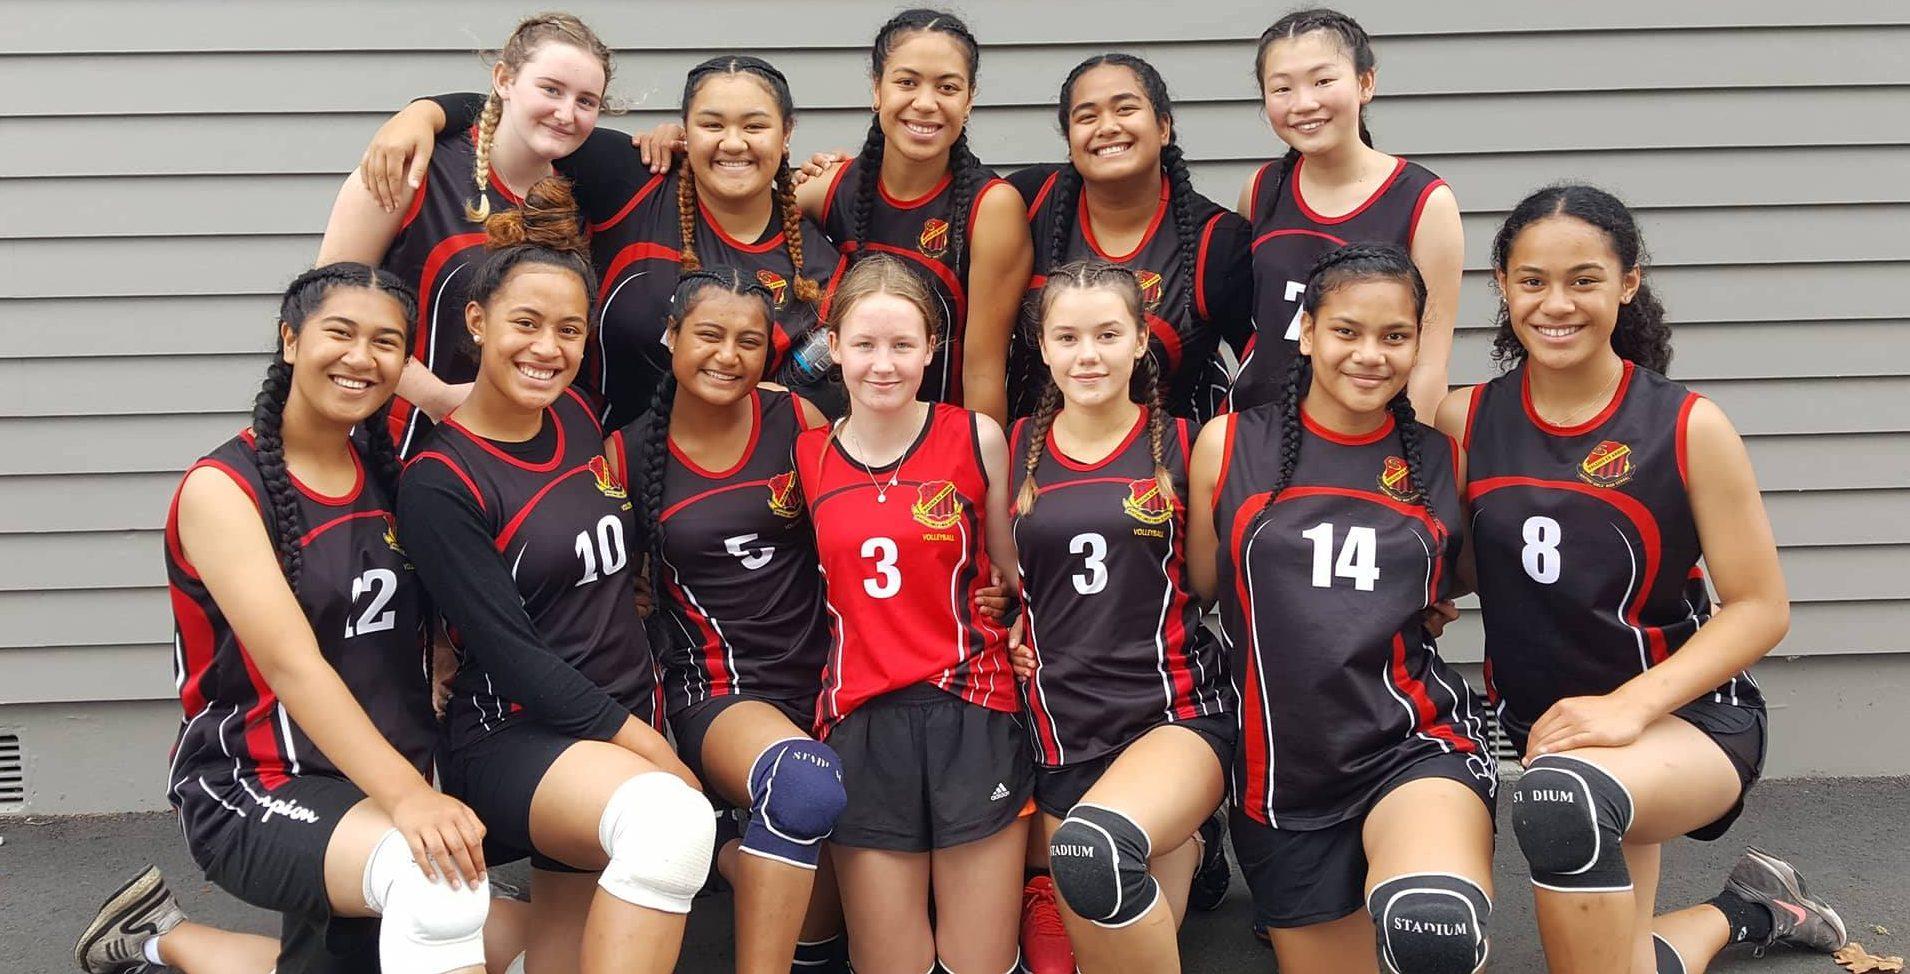 Waitaki Girls High sports team